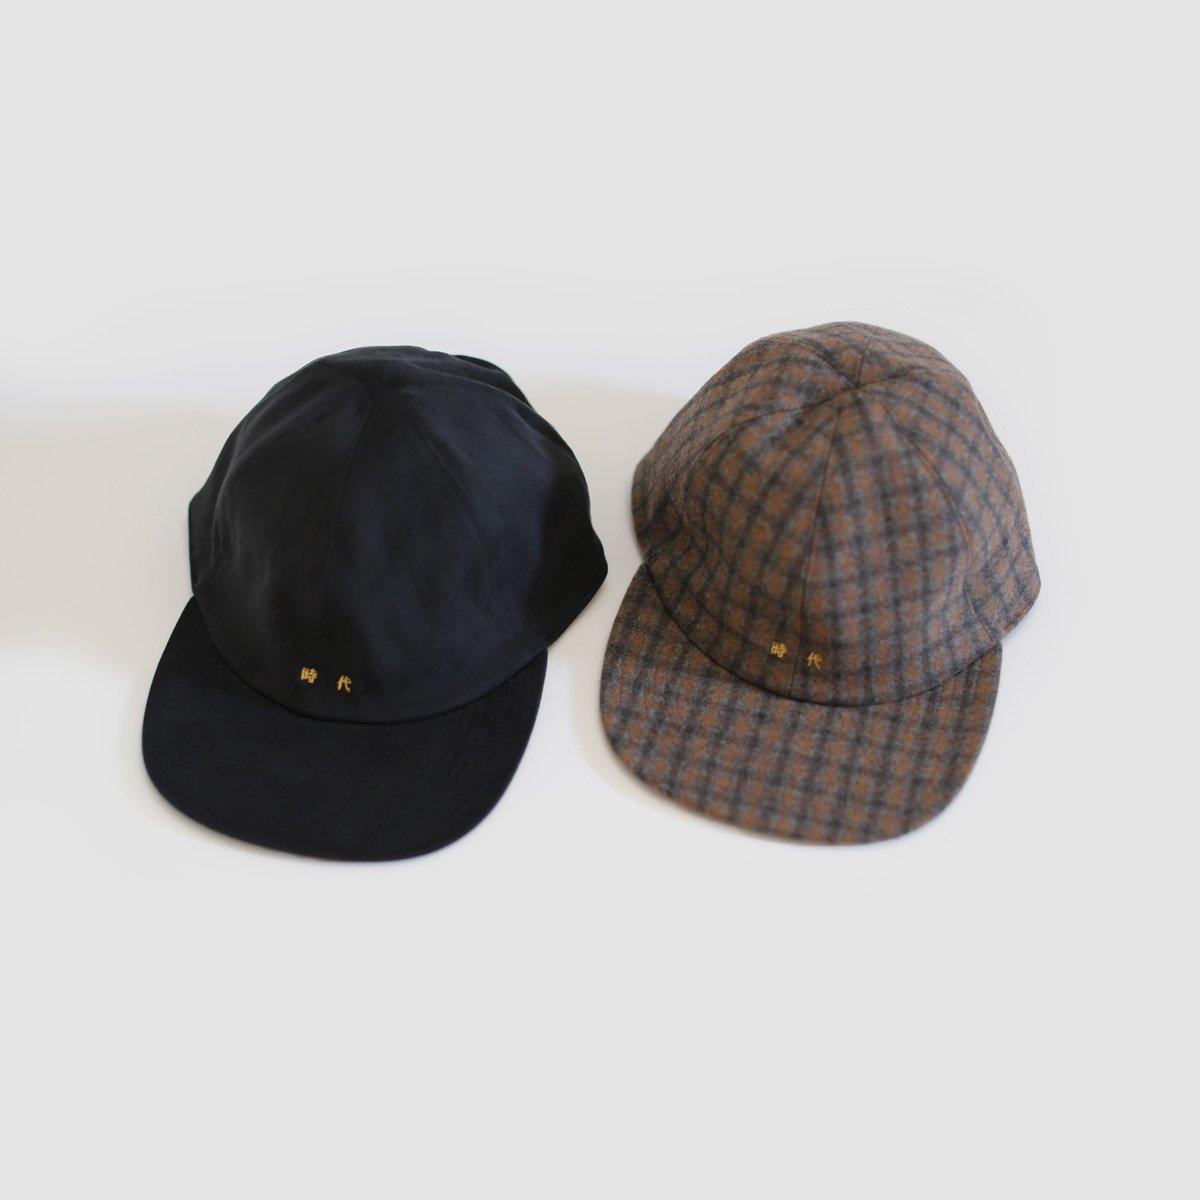 JOBA CAP 刺繍入り 詳細画像3